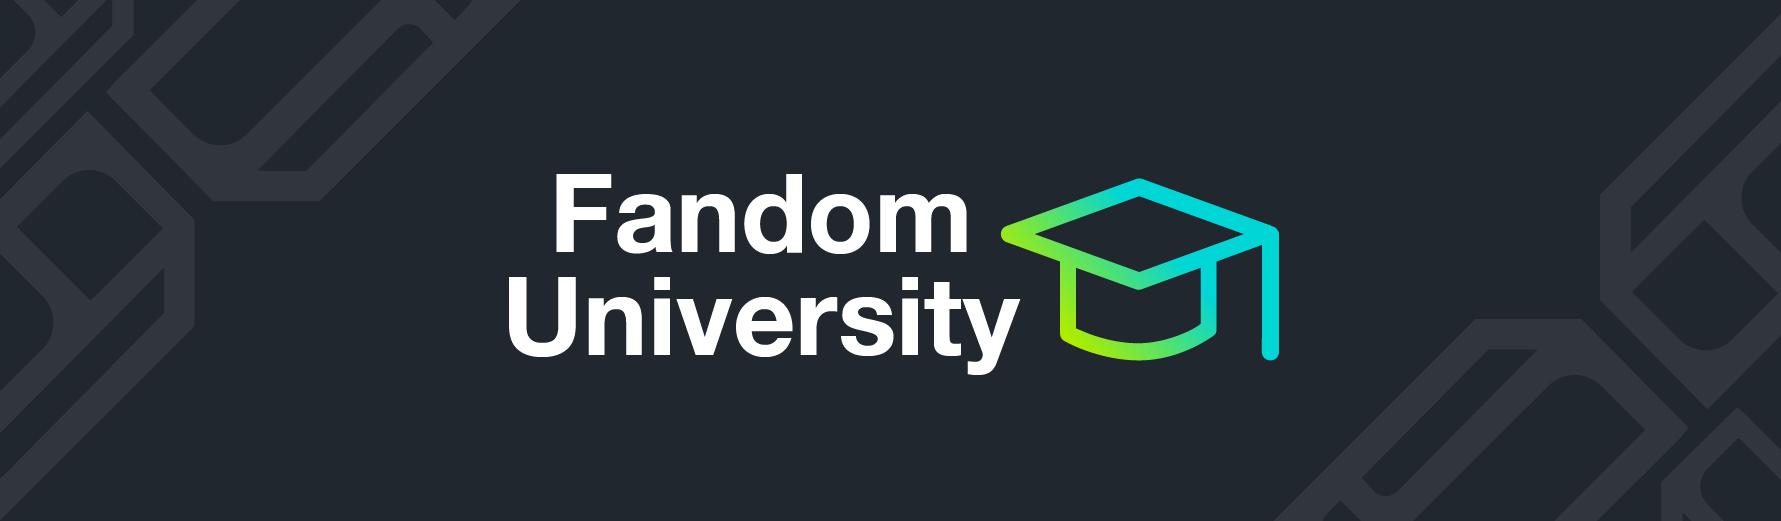 Fandom-University-Header-Logo.jpg